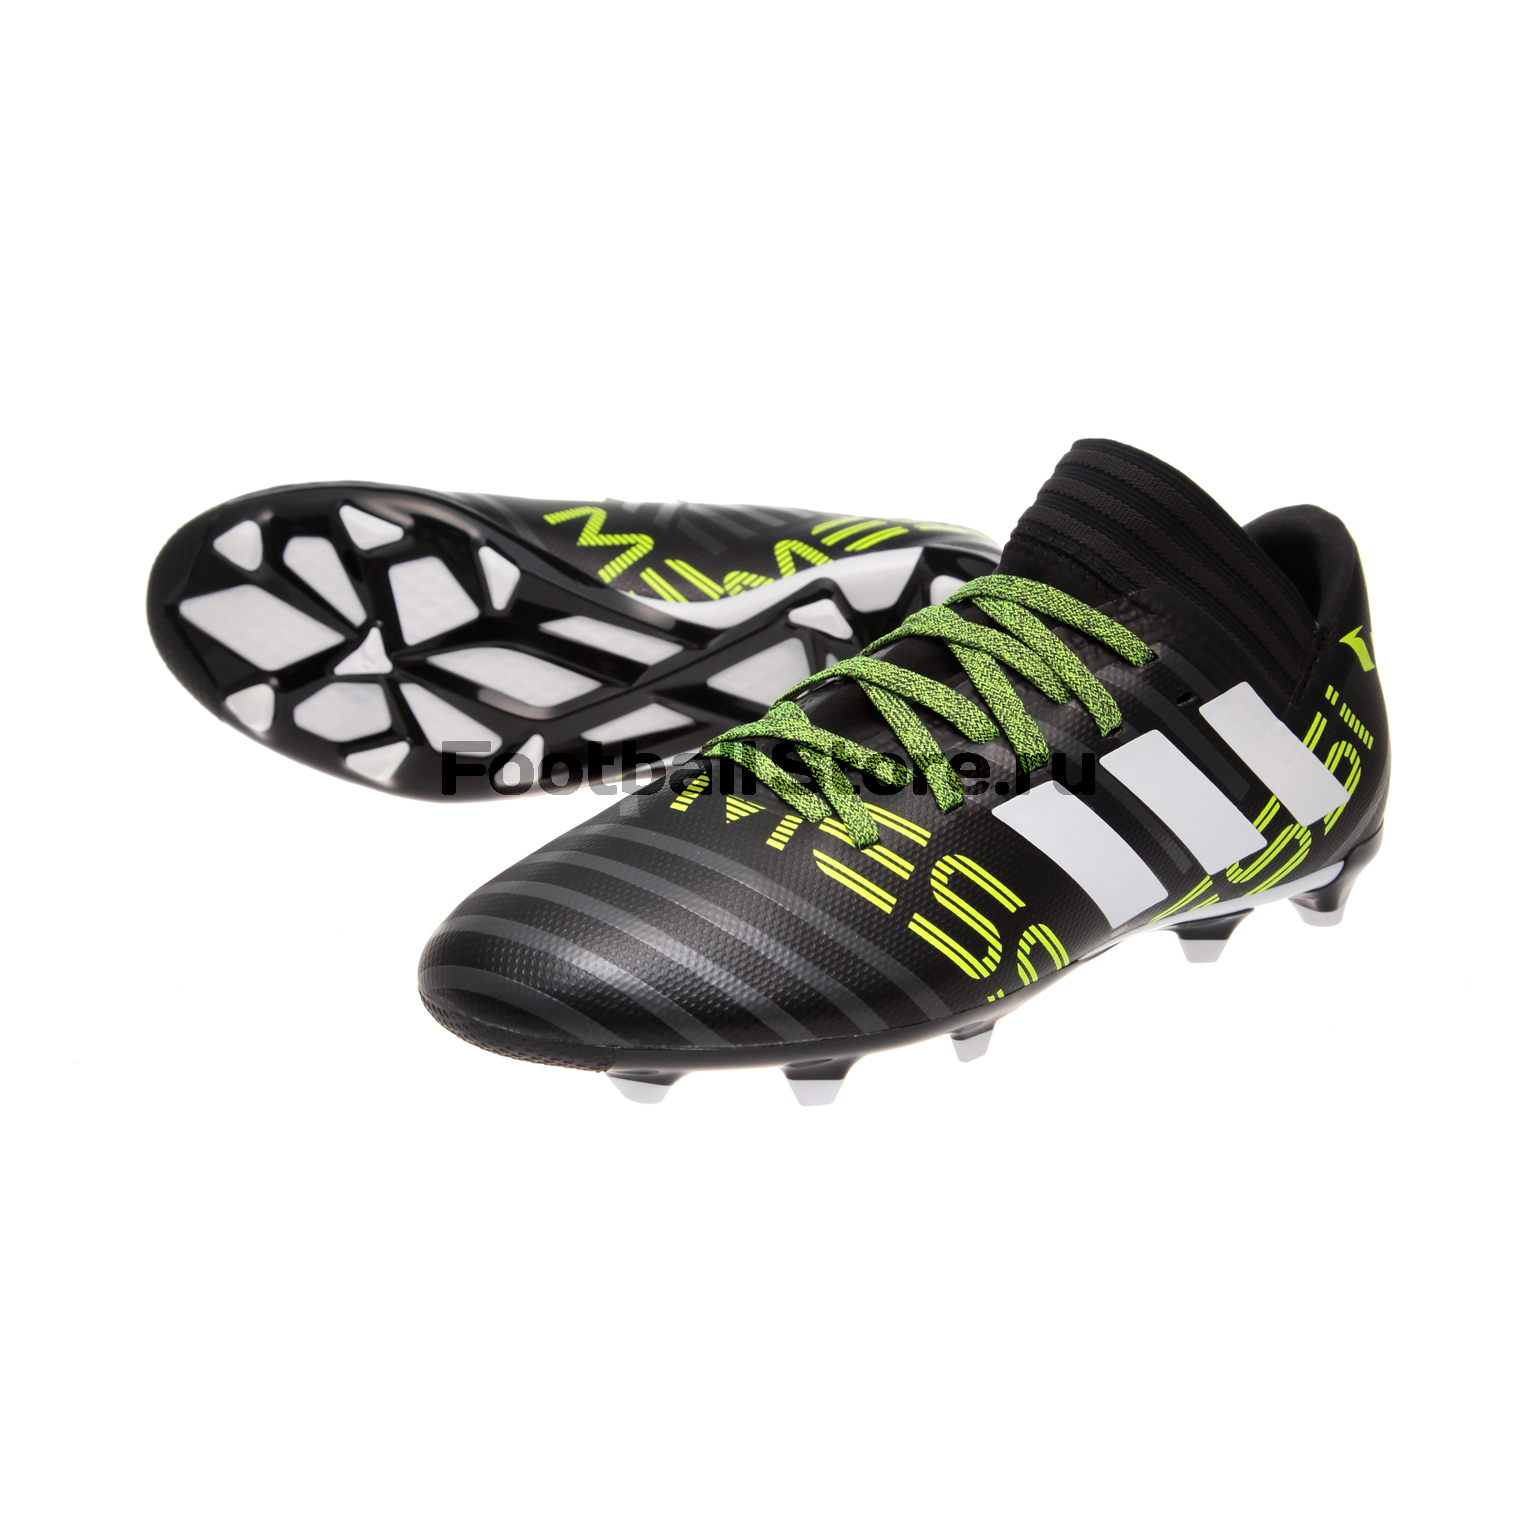 Детские бутсы Adidas Бутсы Adidas Nemeziz Messi 17.3 FG JR CG2966 adidas бутсы adidas messi 15 3 jr af4665